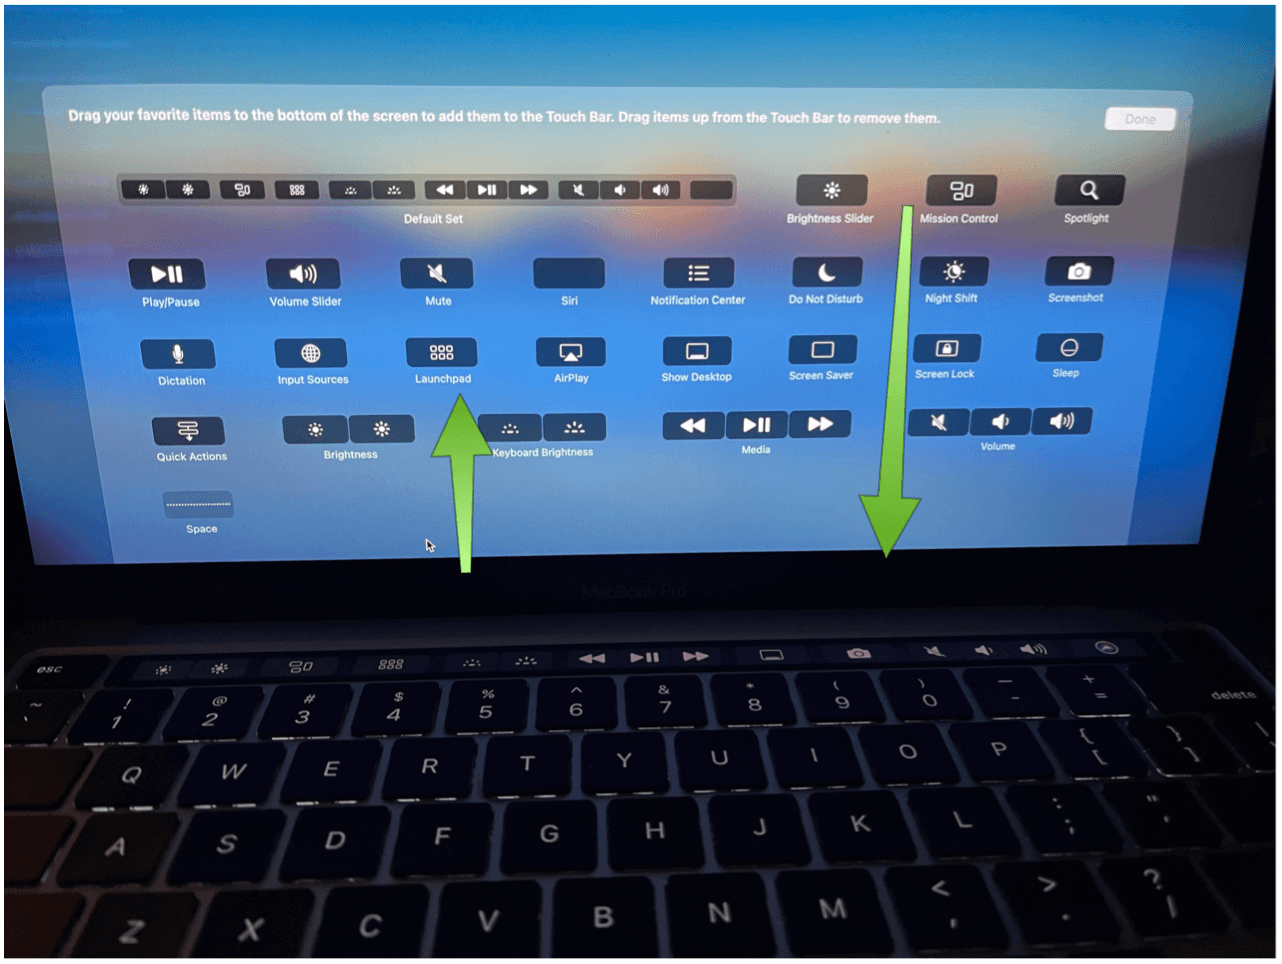 Adjust Touch Bar strip